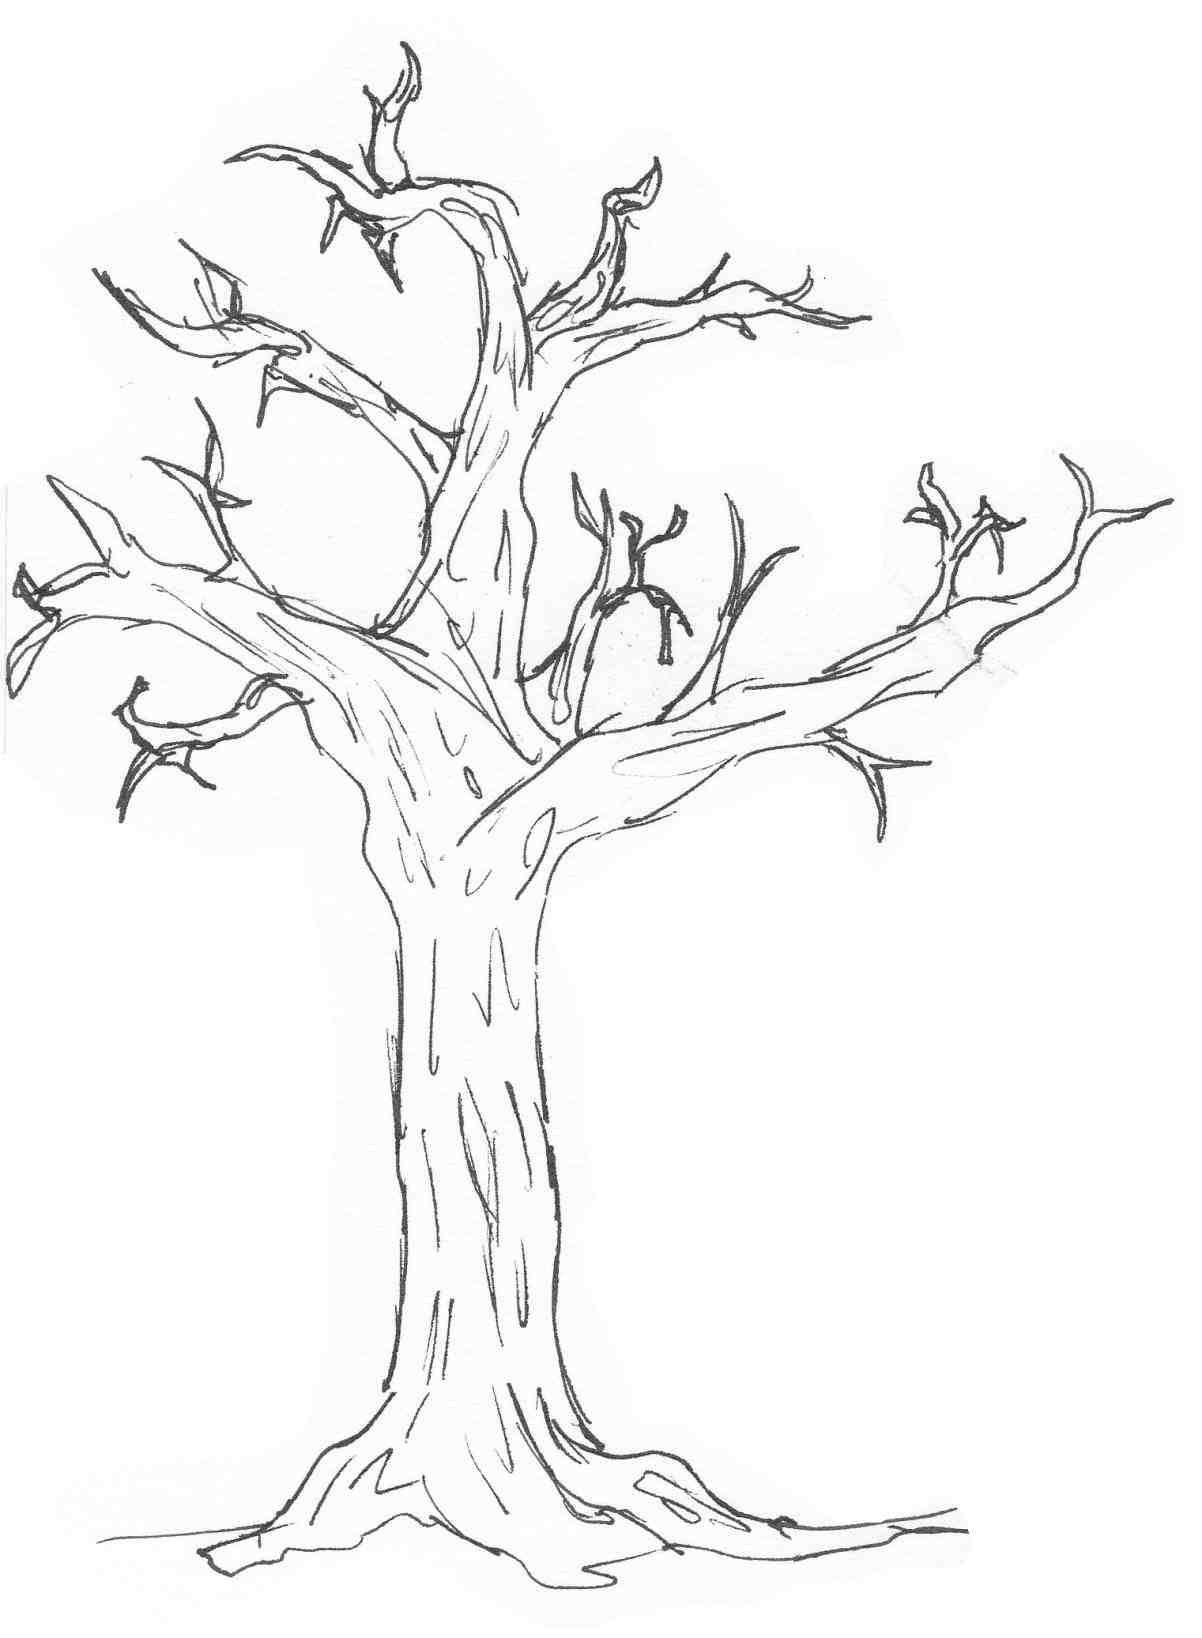 Easy Drawing Of A Tree in 2019 Easy drawings, Drawings